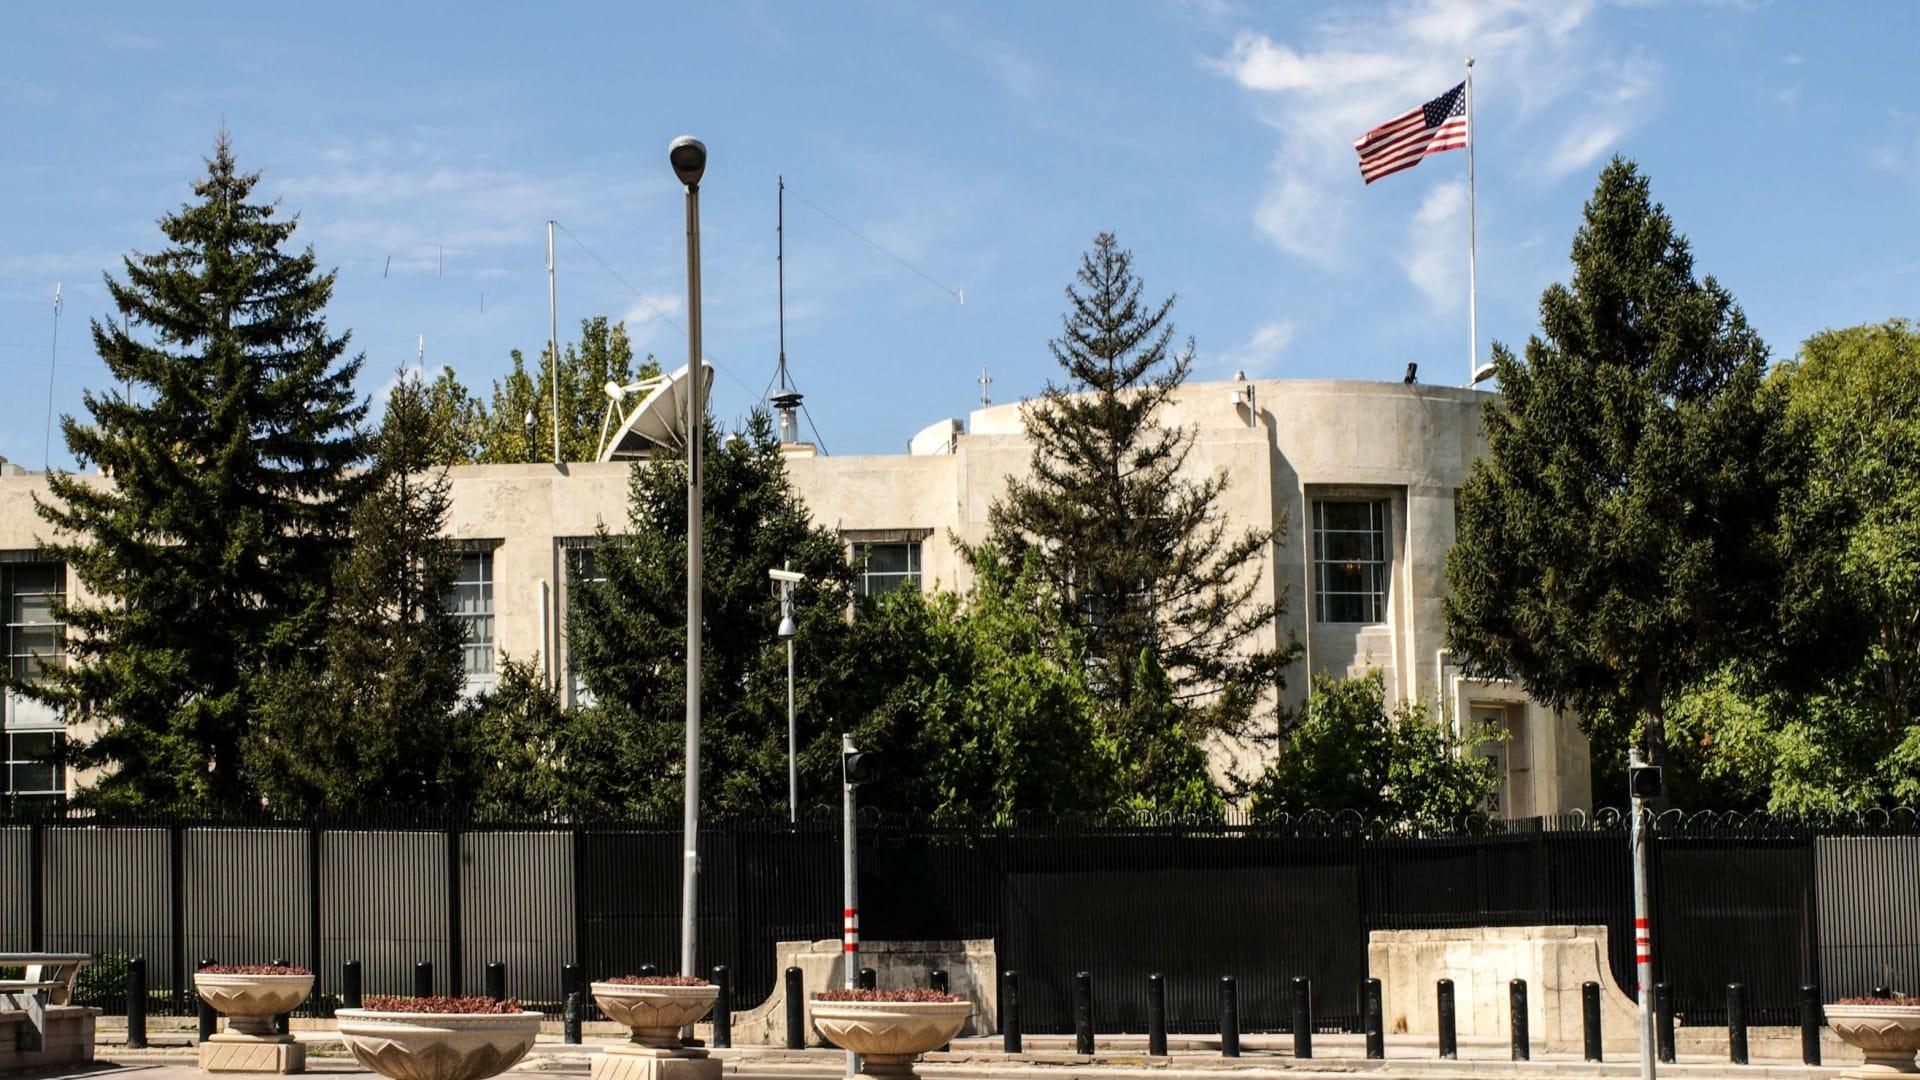 """تركيا تتهم 4 بـ""""عمل عدائي ضد دولة أجنبية"""" بقضية استهداف سفارة أمريكا"""